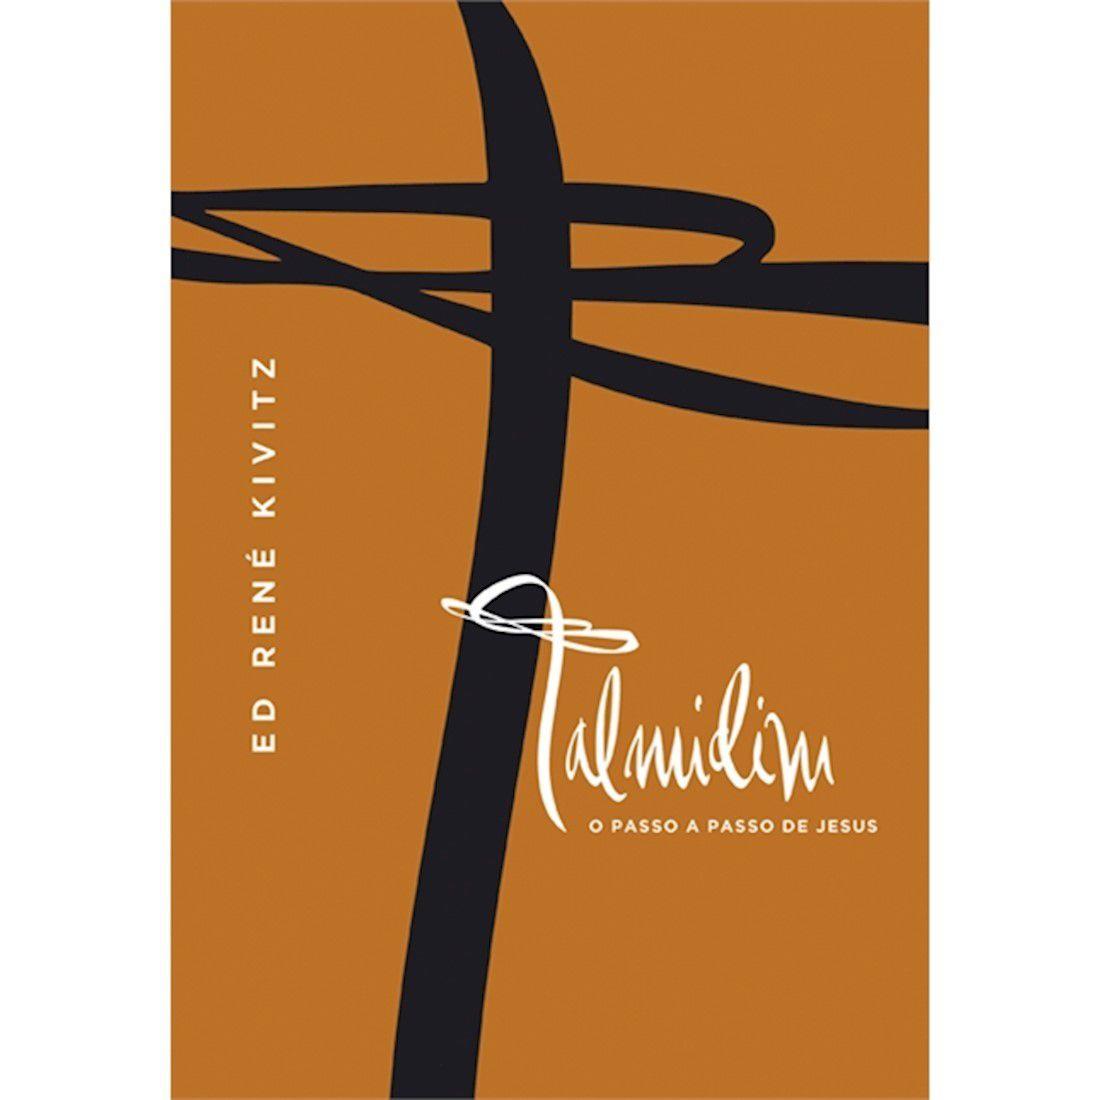 Livro Talmidim - O Passo a Passo de Jesus - Produto Reembalado